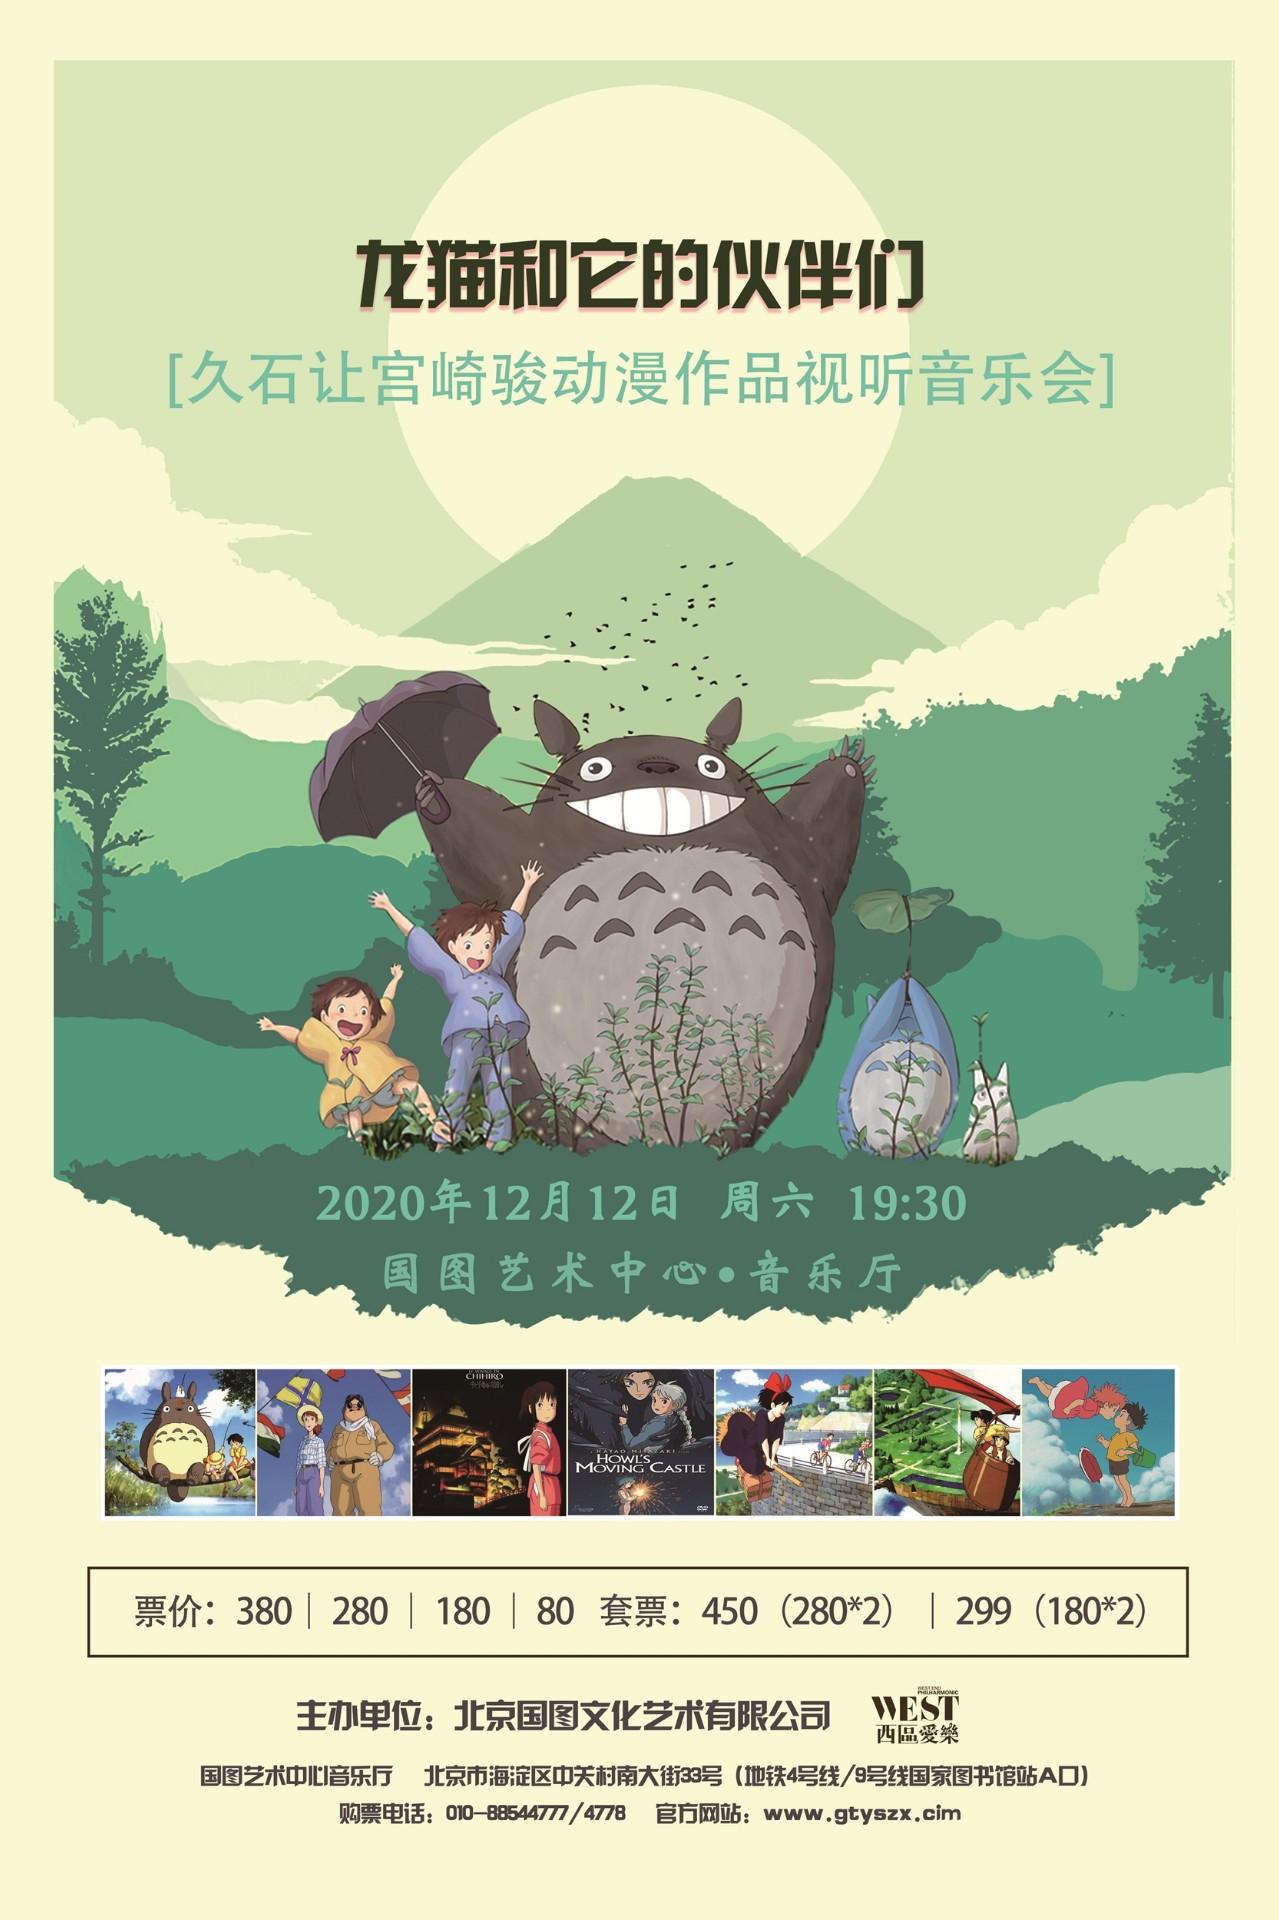 龙猫和它的伙伴们——久石让•宫崎骏动漫作品视听ballbet贝博网页登录